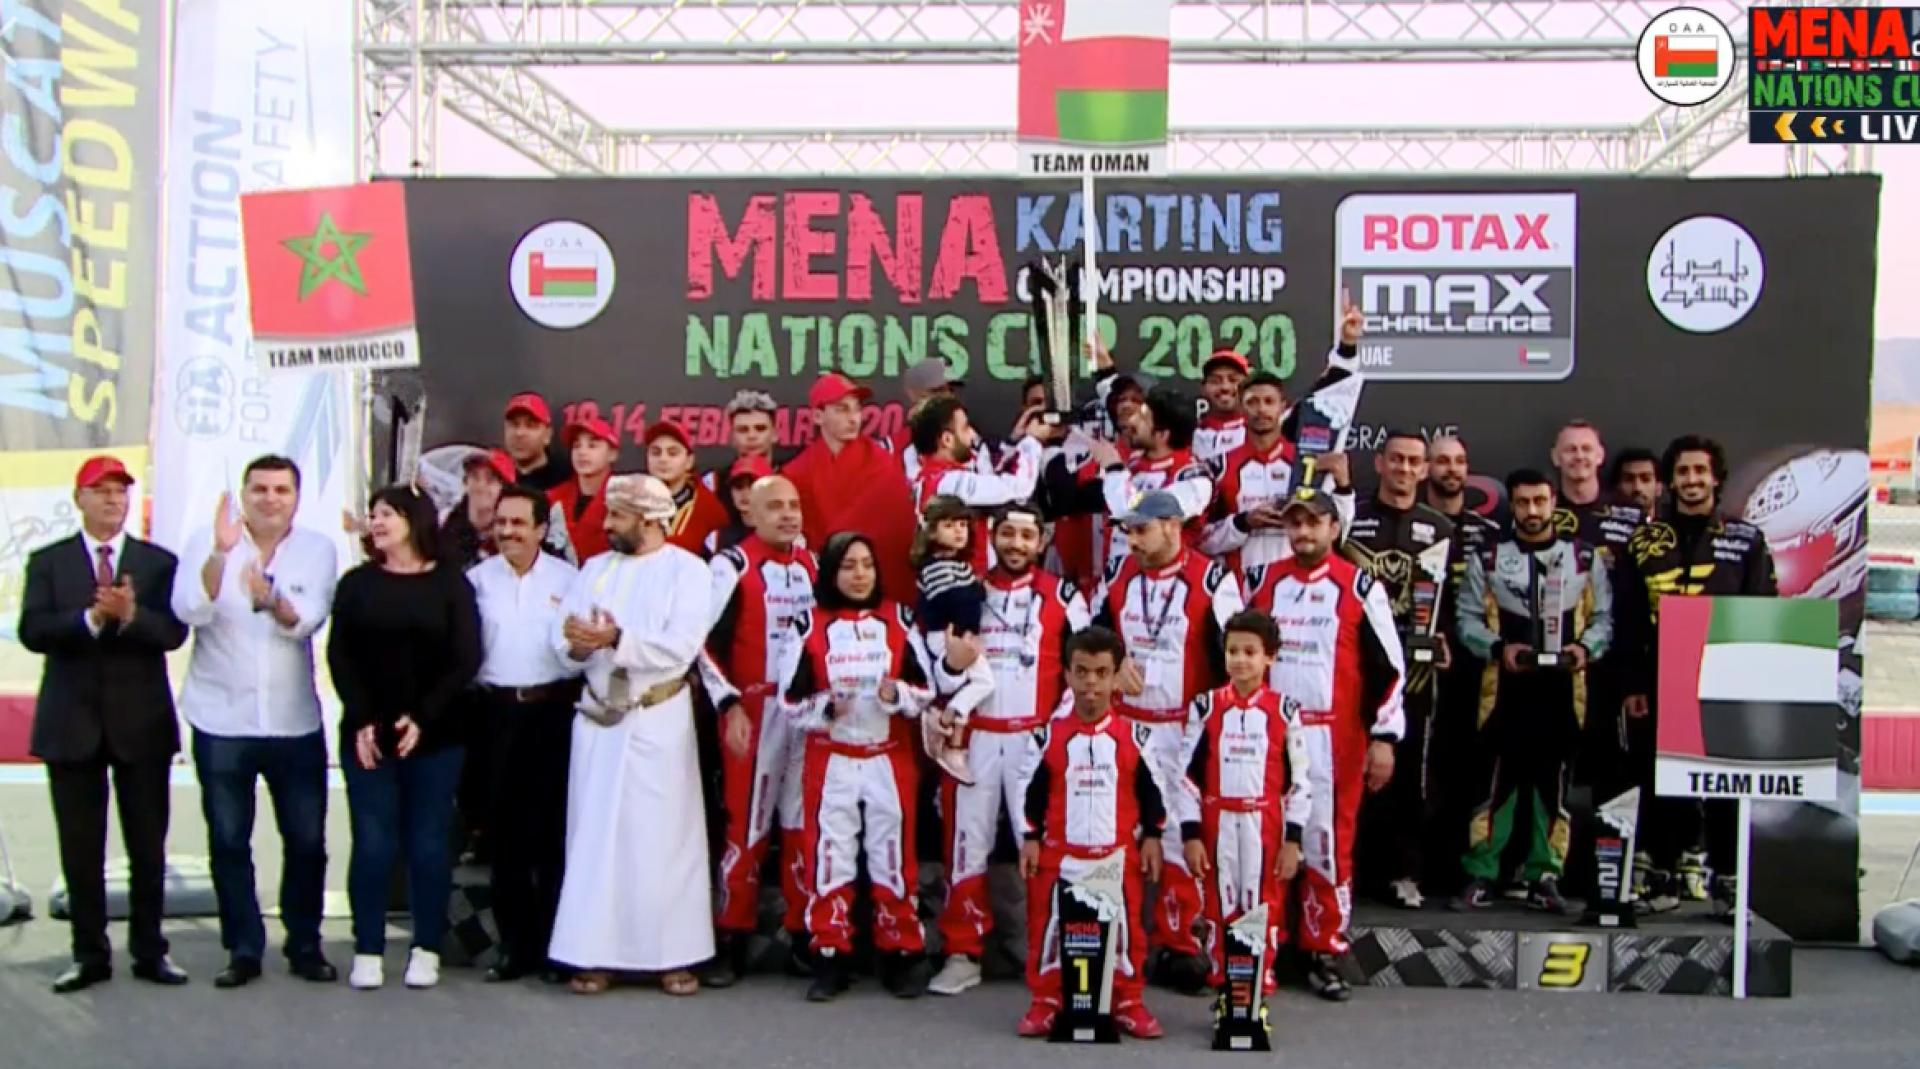 MENA Karting Nations Cup : Le Maroc Deuxième